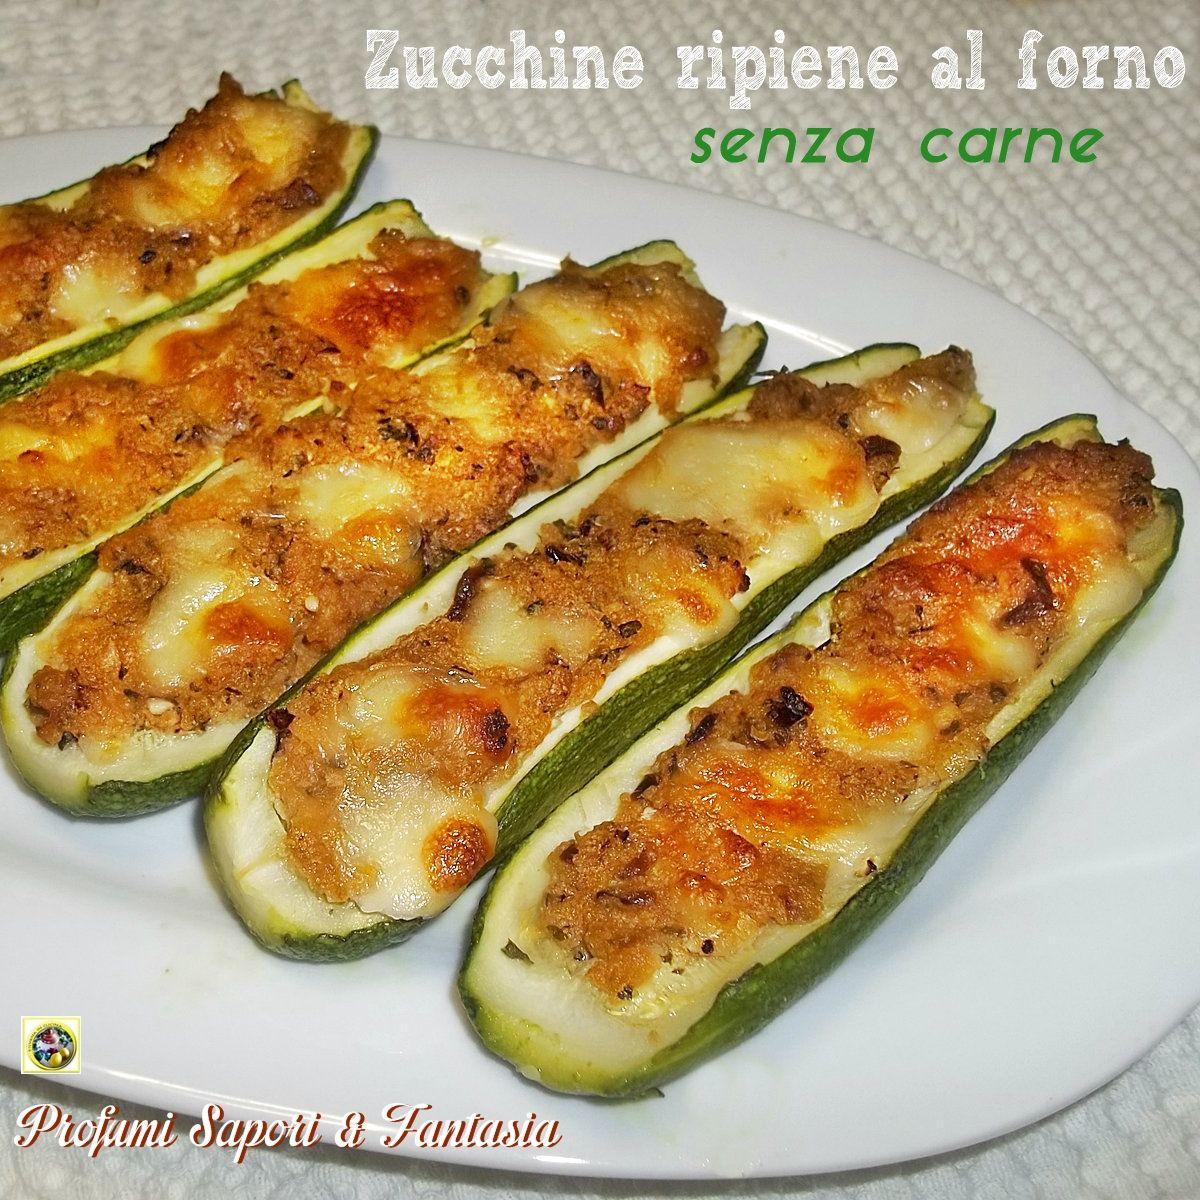 10dfe6ca390a3ff50ad919243b5f251c - Ricette Zucchini Ripieni